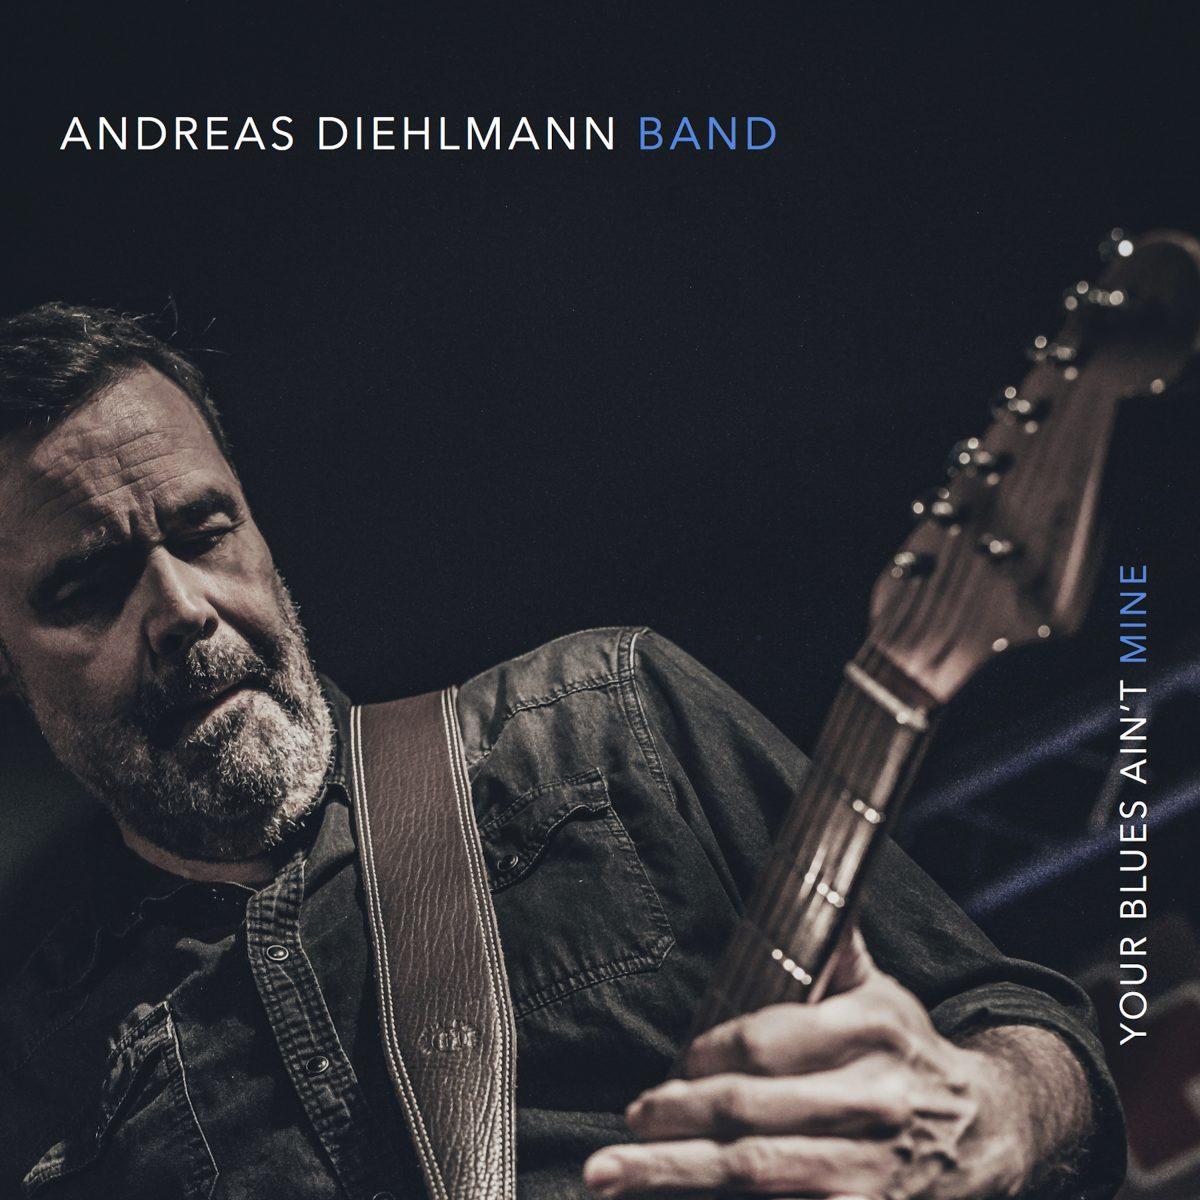 ANDREAS DIEHLMANN BAND - YOUR BLUES AIN'T MINE (2018)